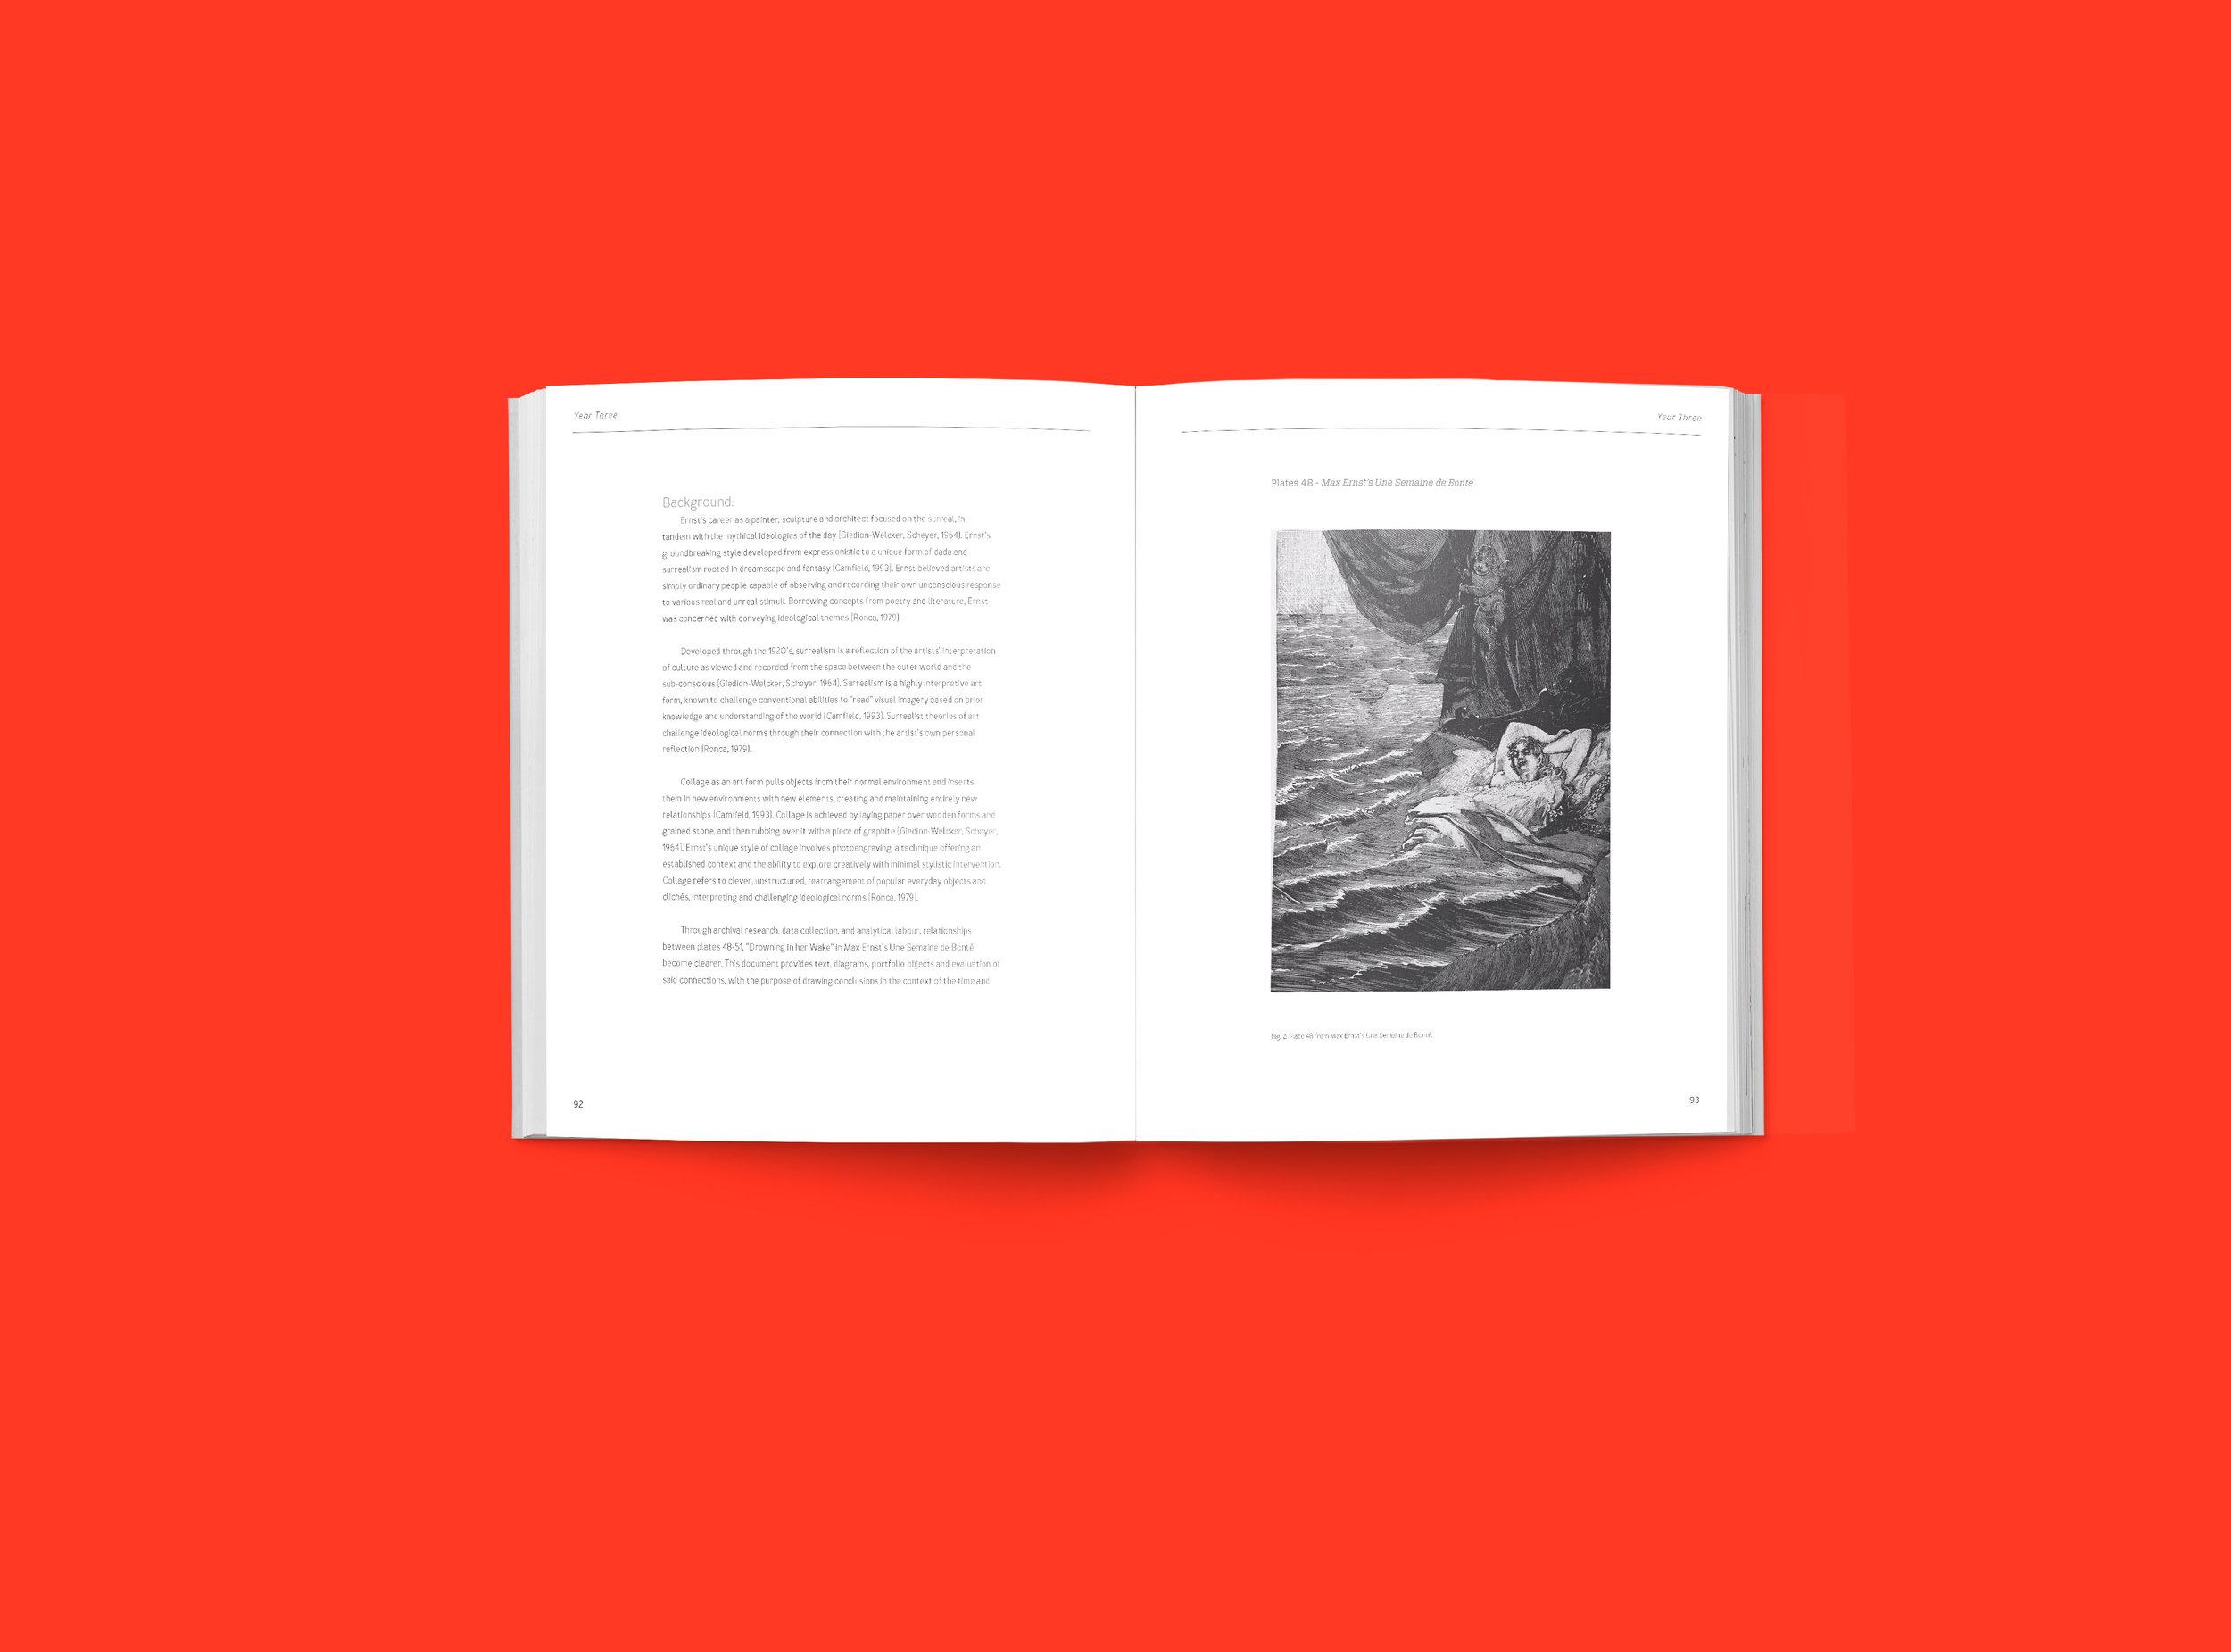 Book_RBP_mockup3.jpg